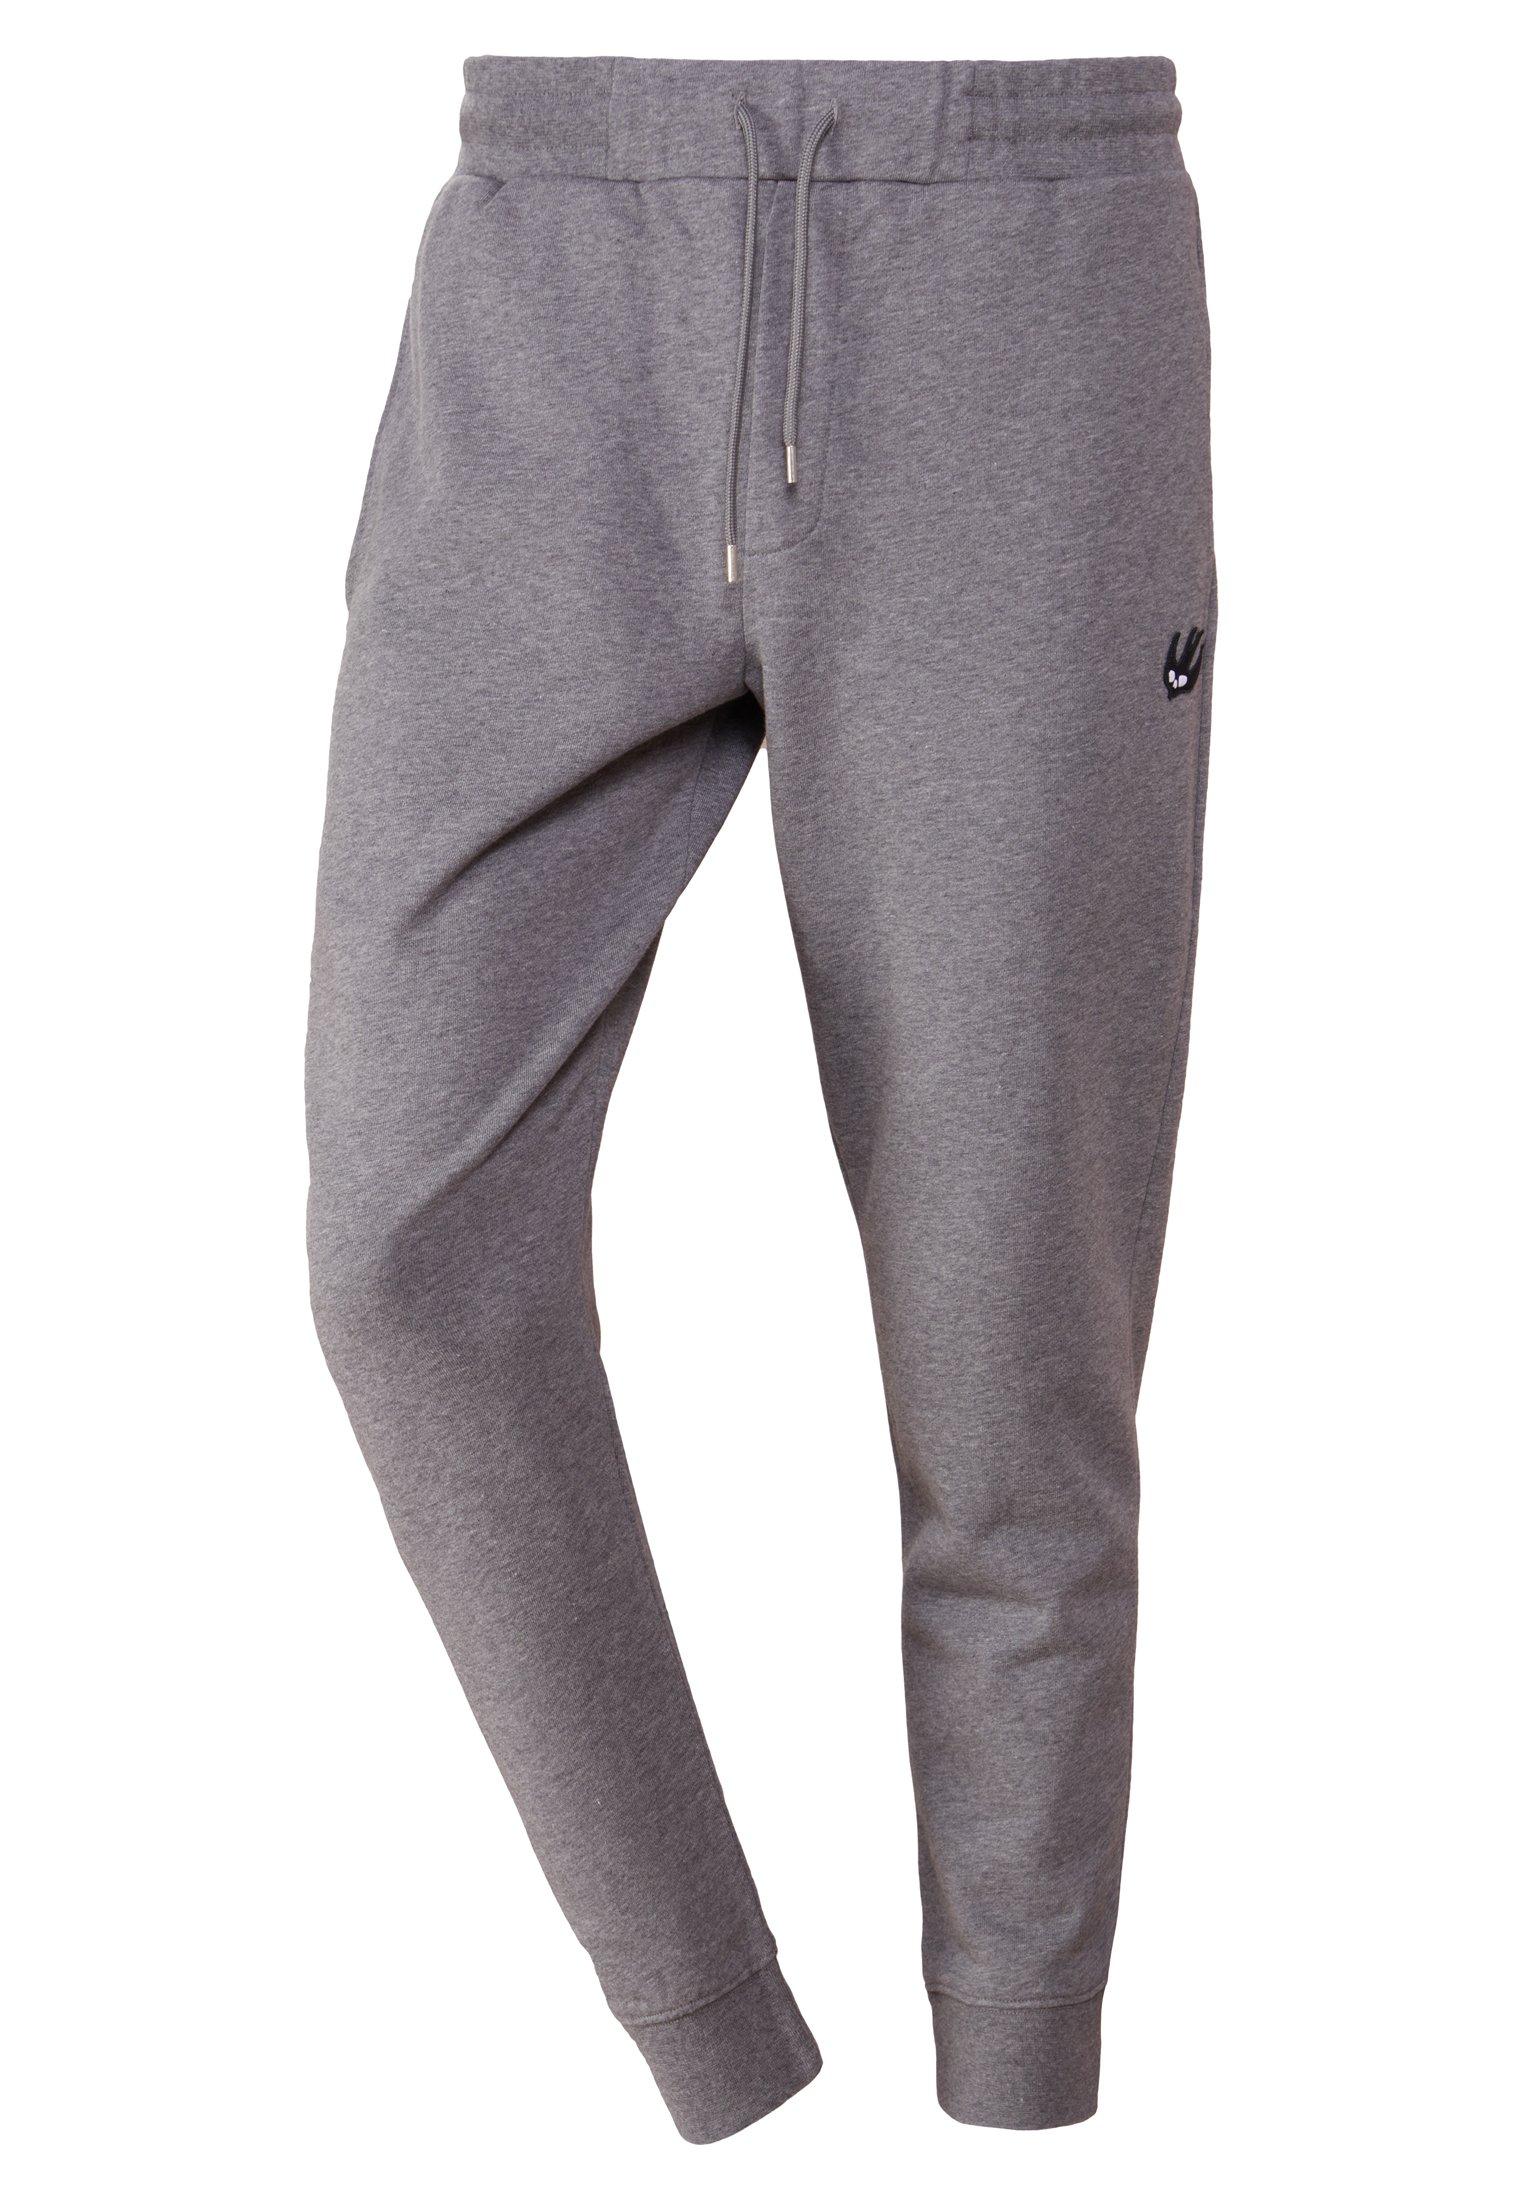 McQ Alexander McQueen Pantalon de survêtement - grey melange